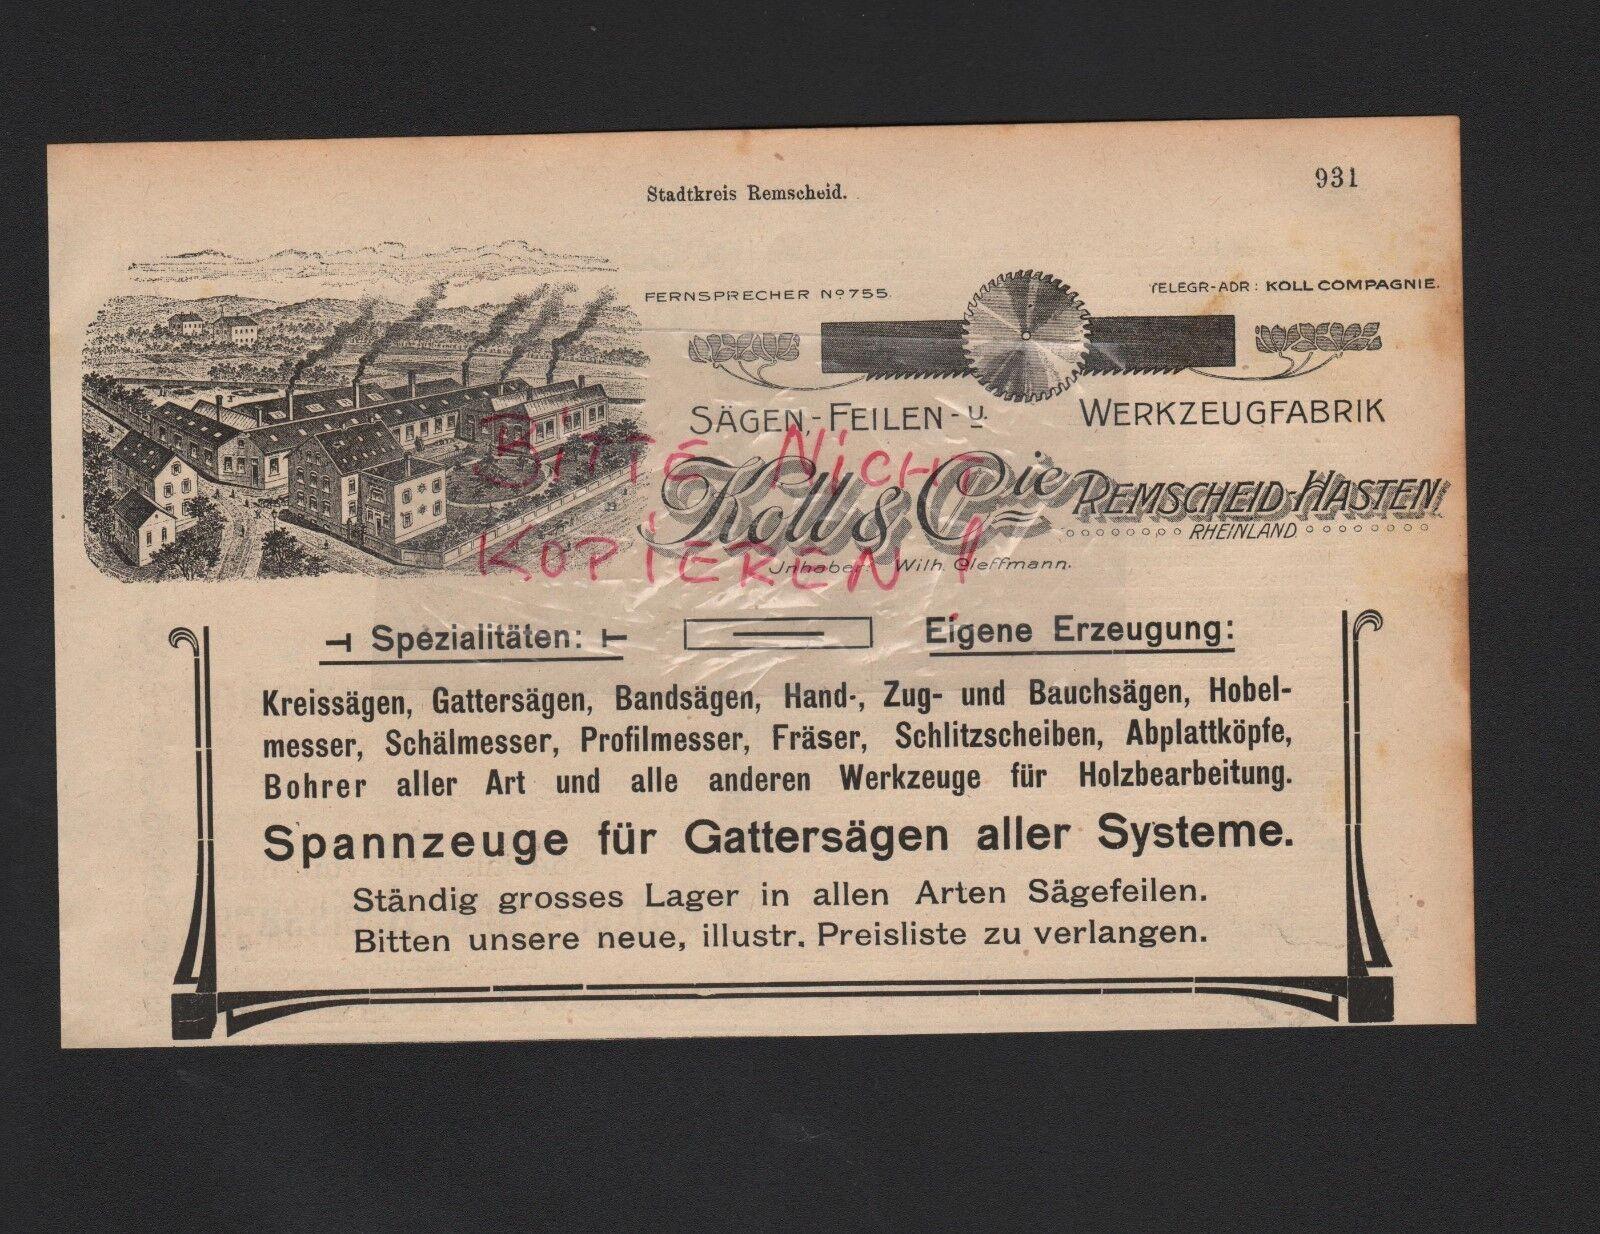 REMSCHEID-HASTEN, Werbung 1909, Koll & Cie. Spannzeuge Gattersägen